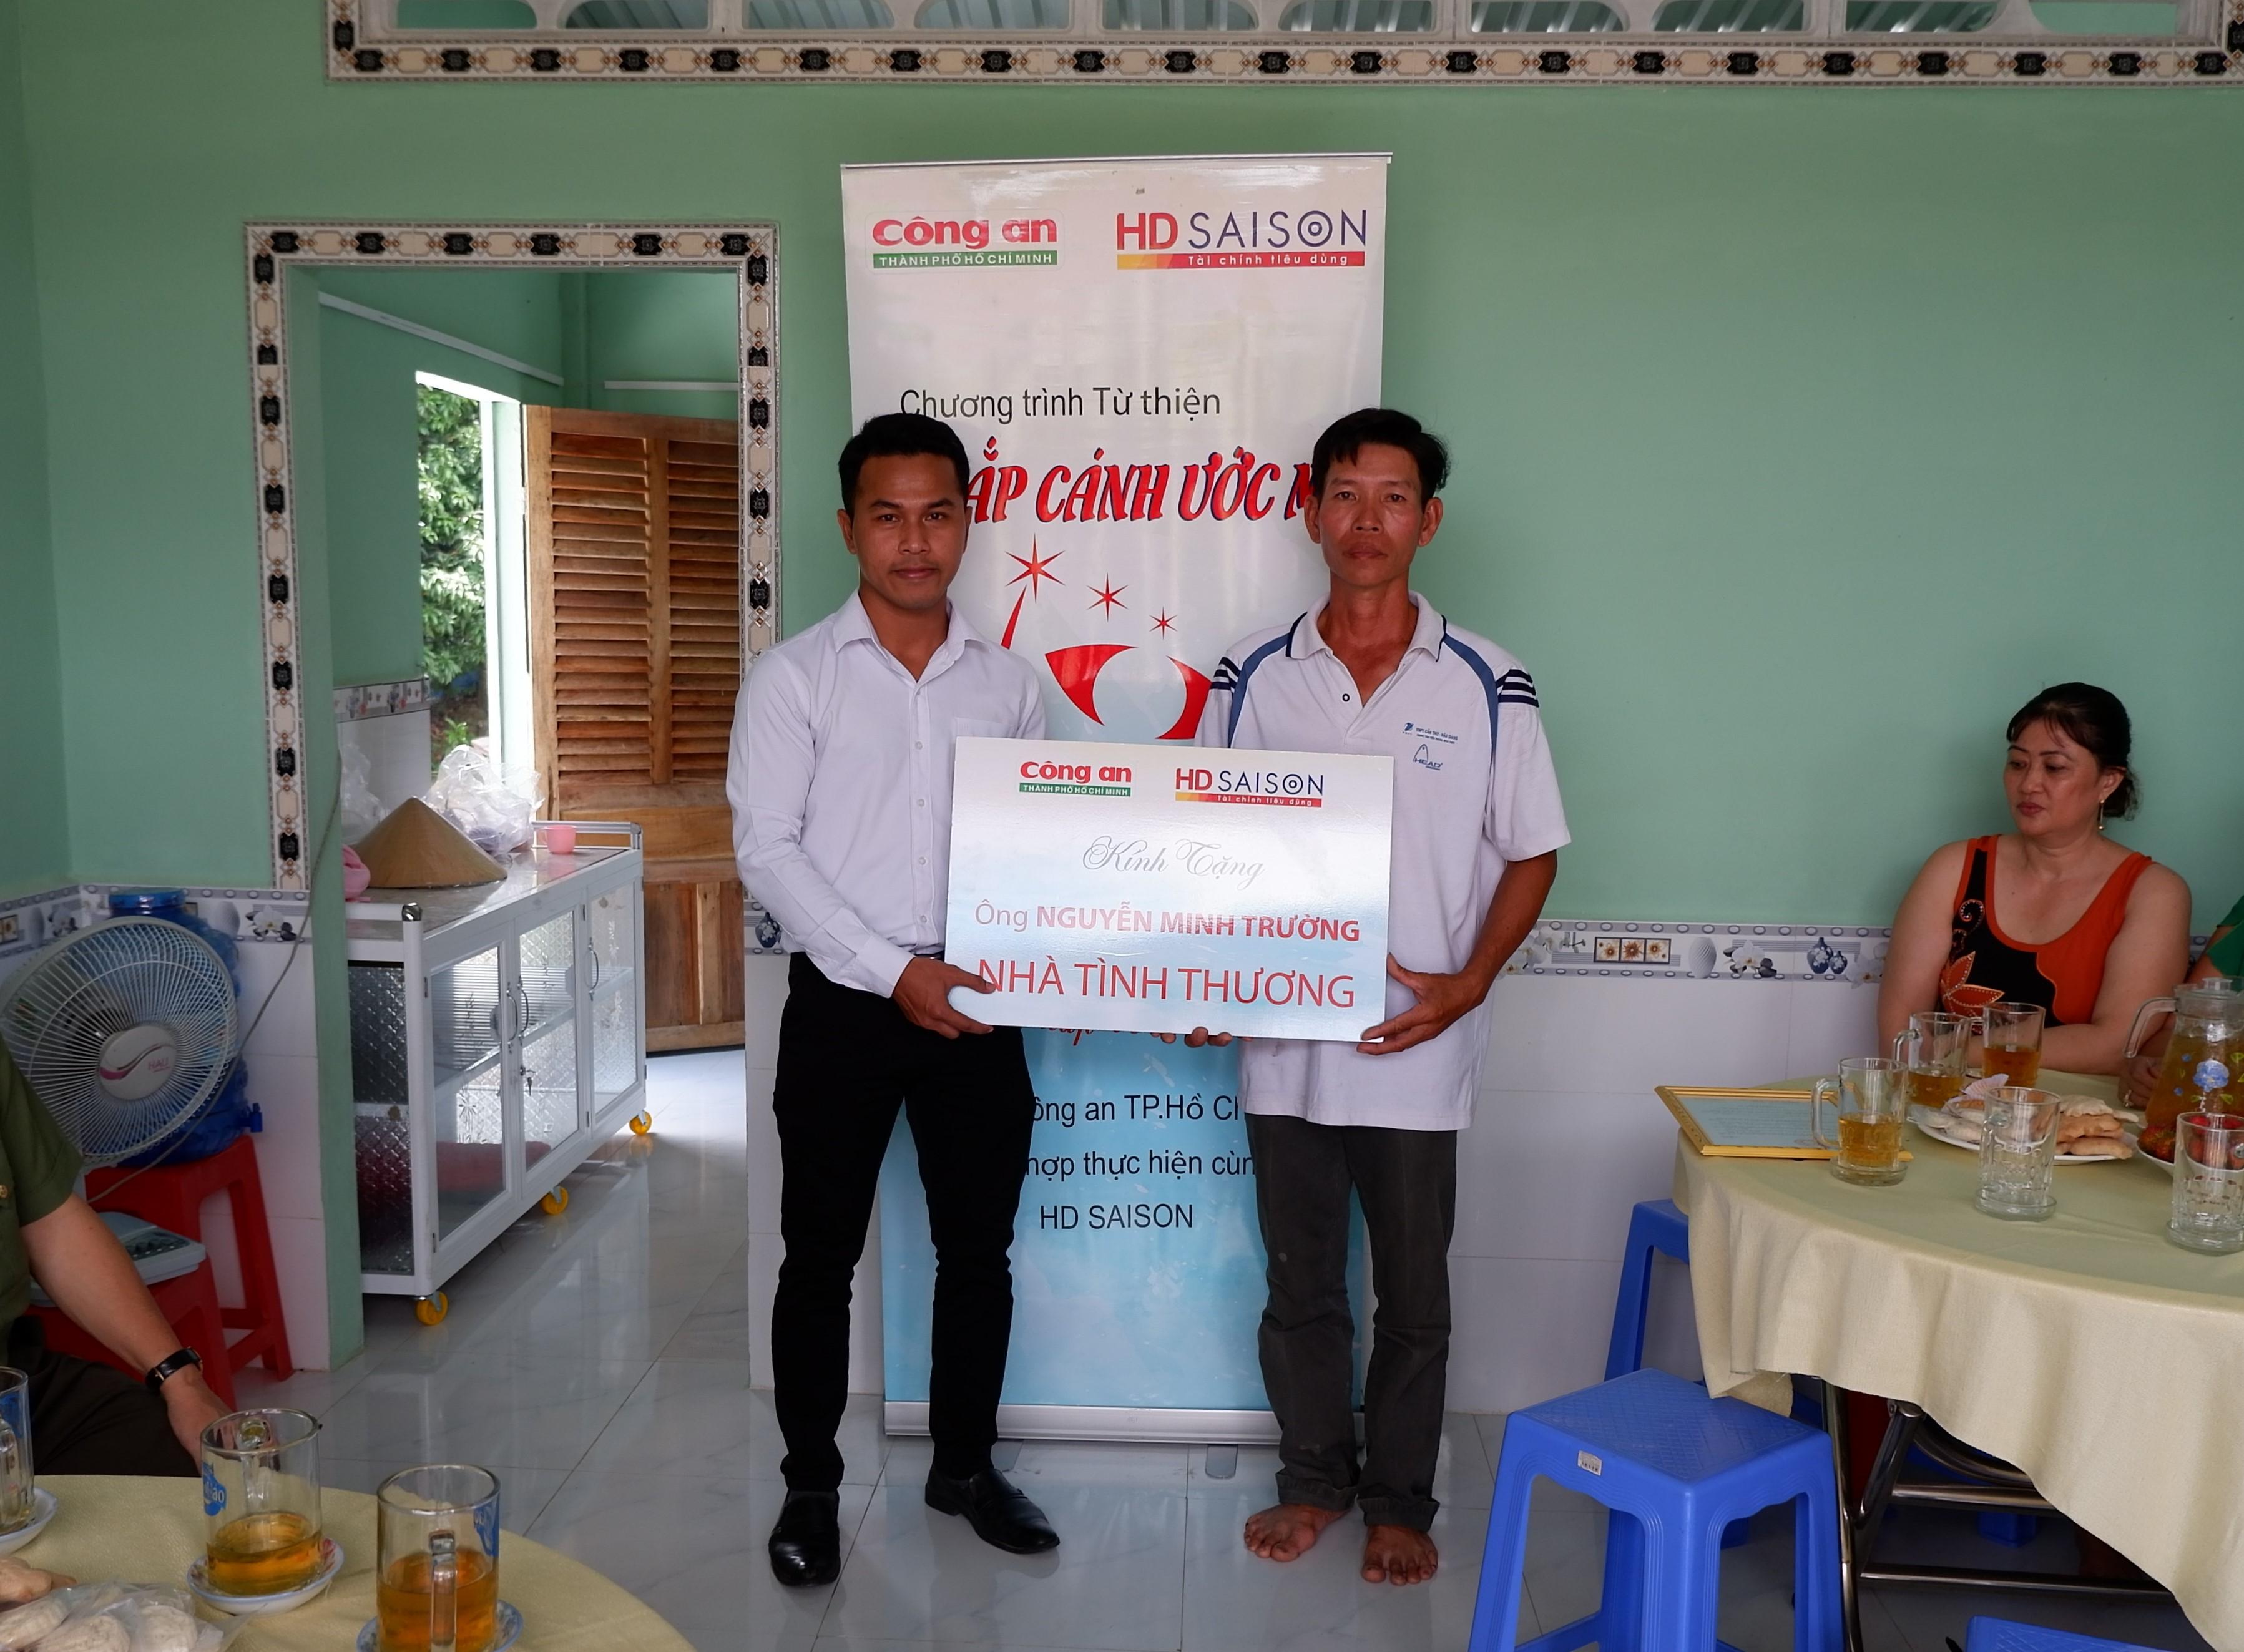 HD SAISON trao tặng nhà tình thương ở Cần Thơ